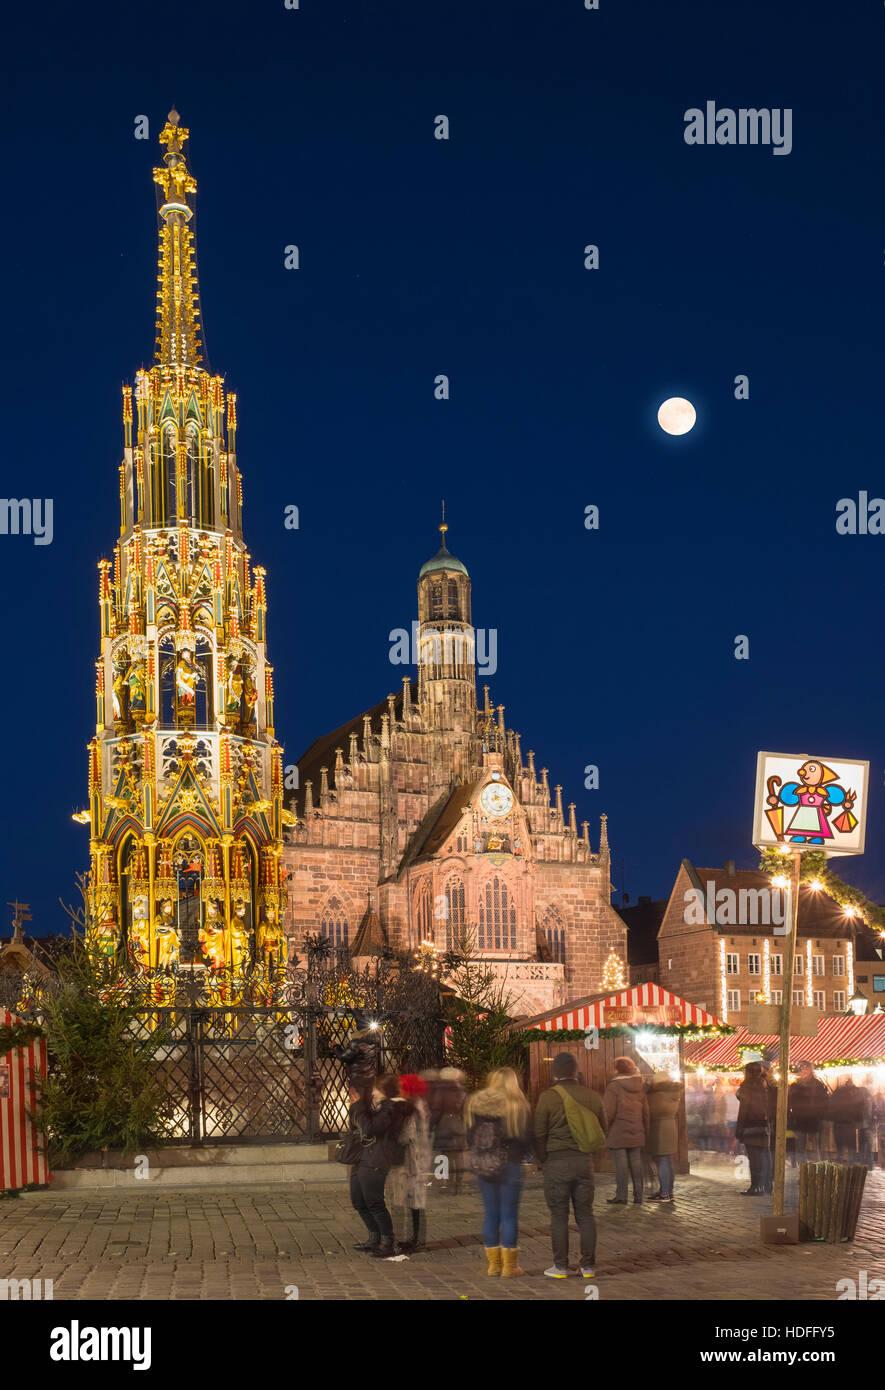 Schöner Brunnen und der Frauenkirche mit Nürnberger Weihnachtsmarkt, Vollmond, Nachtszene, Nürnberg, Stockbild